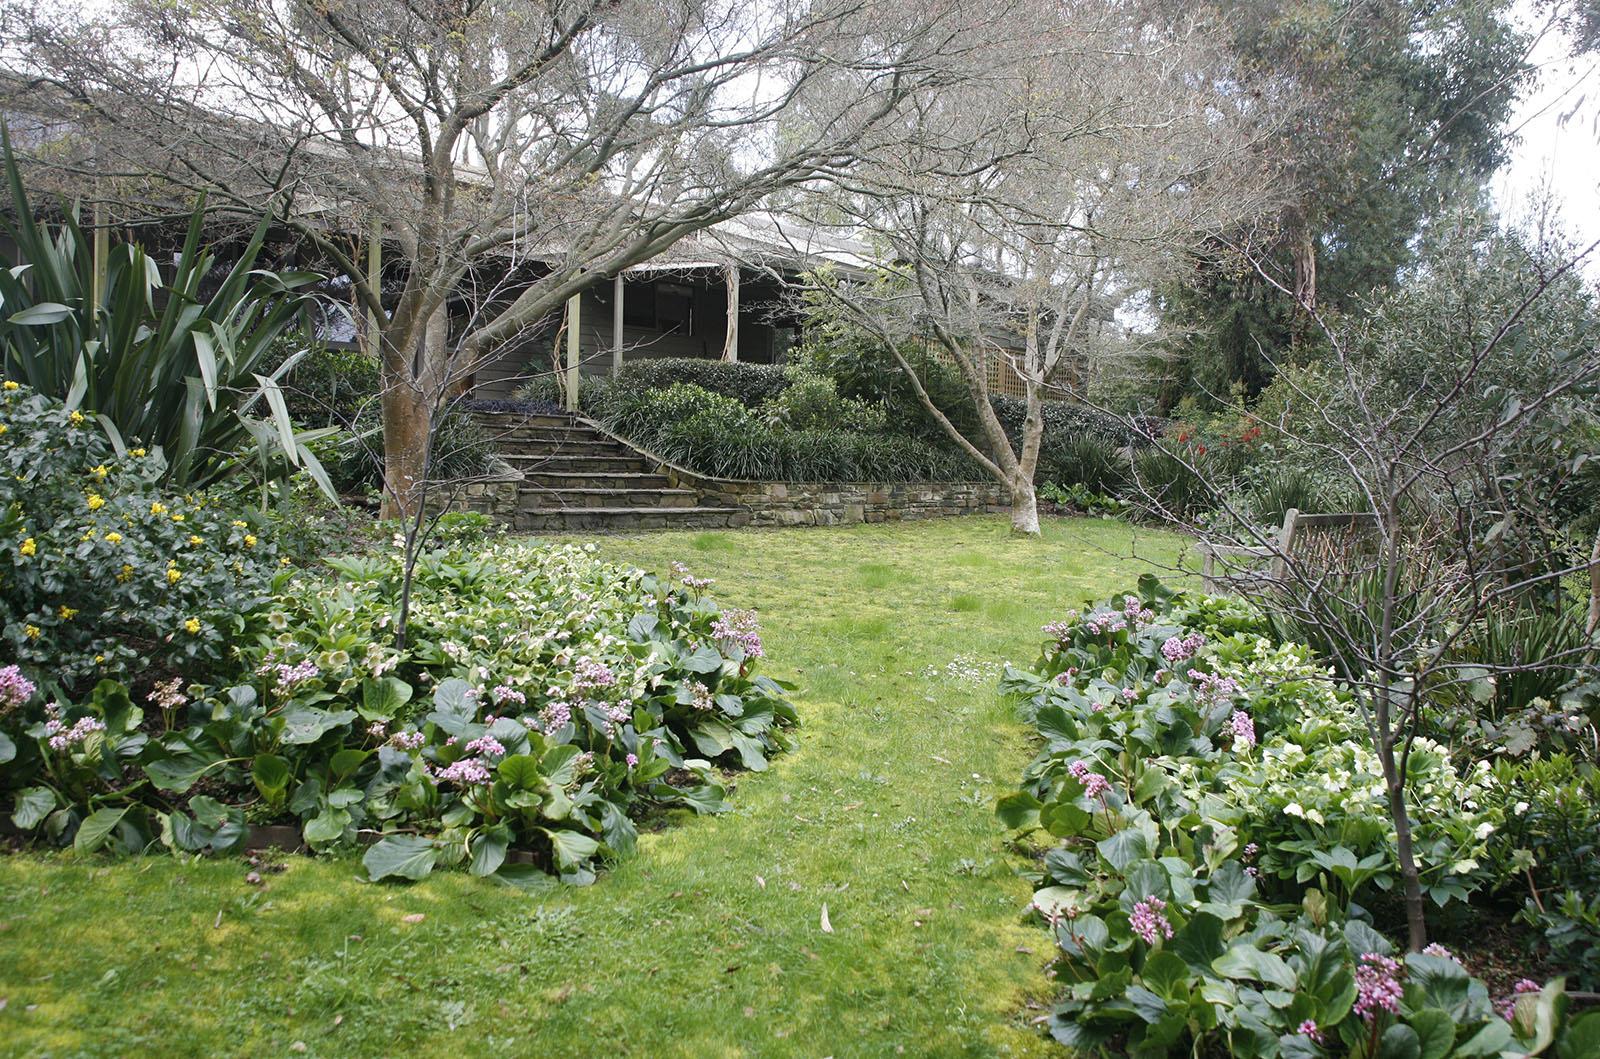 Garden in the Hills_0000s_0009_Vinen 2